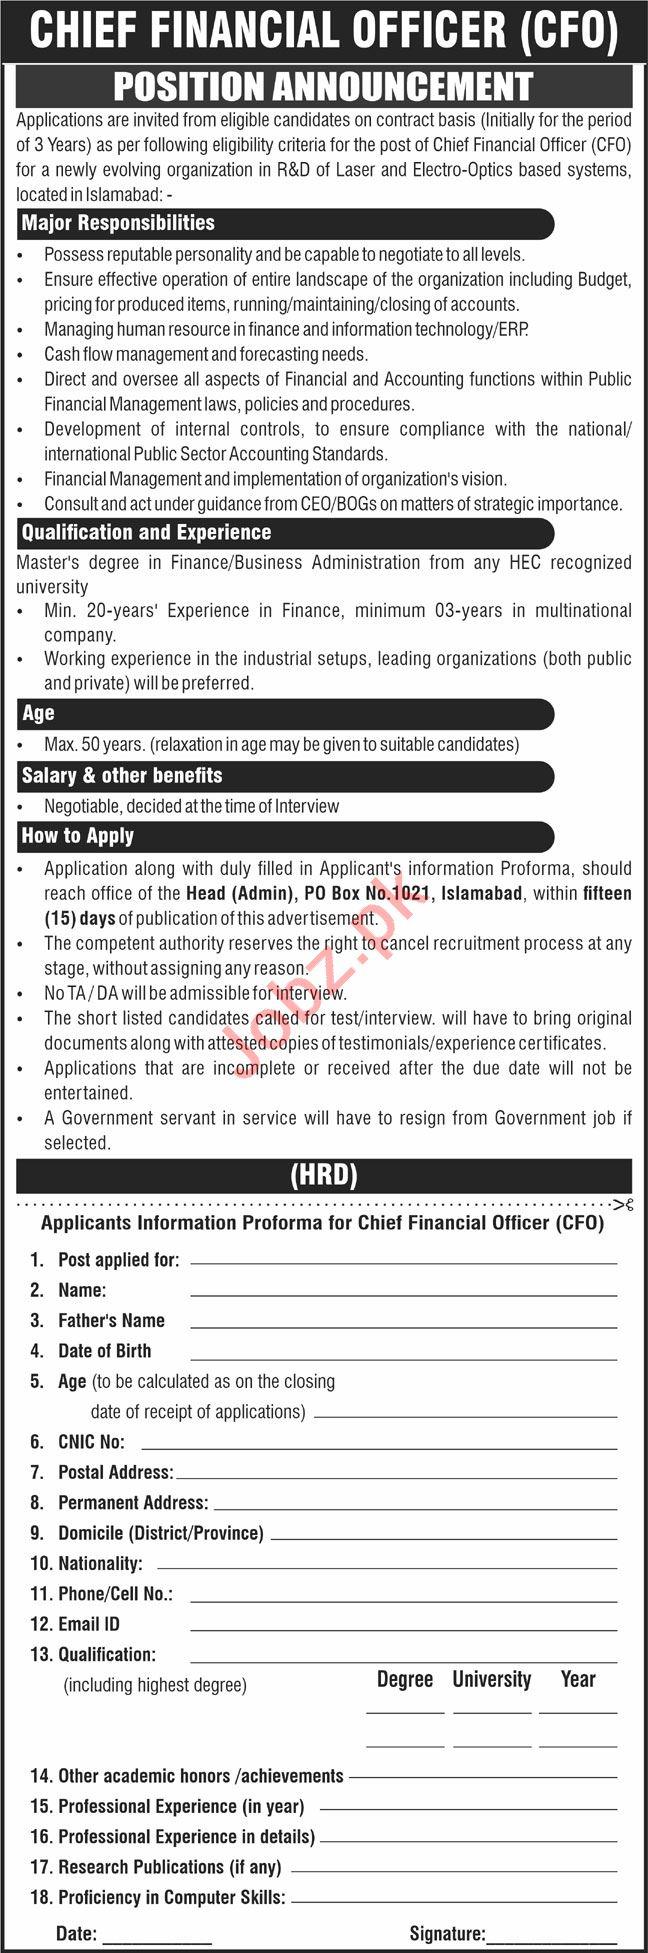 P O Box No 1021 Islamabad Jobs 2021 Chief Financial Officer